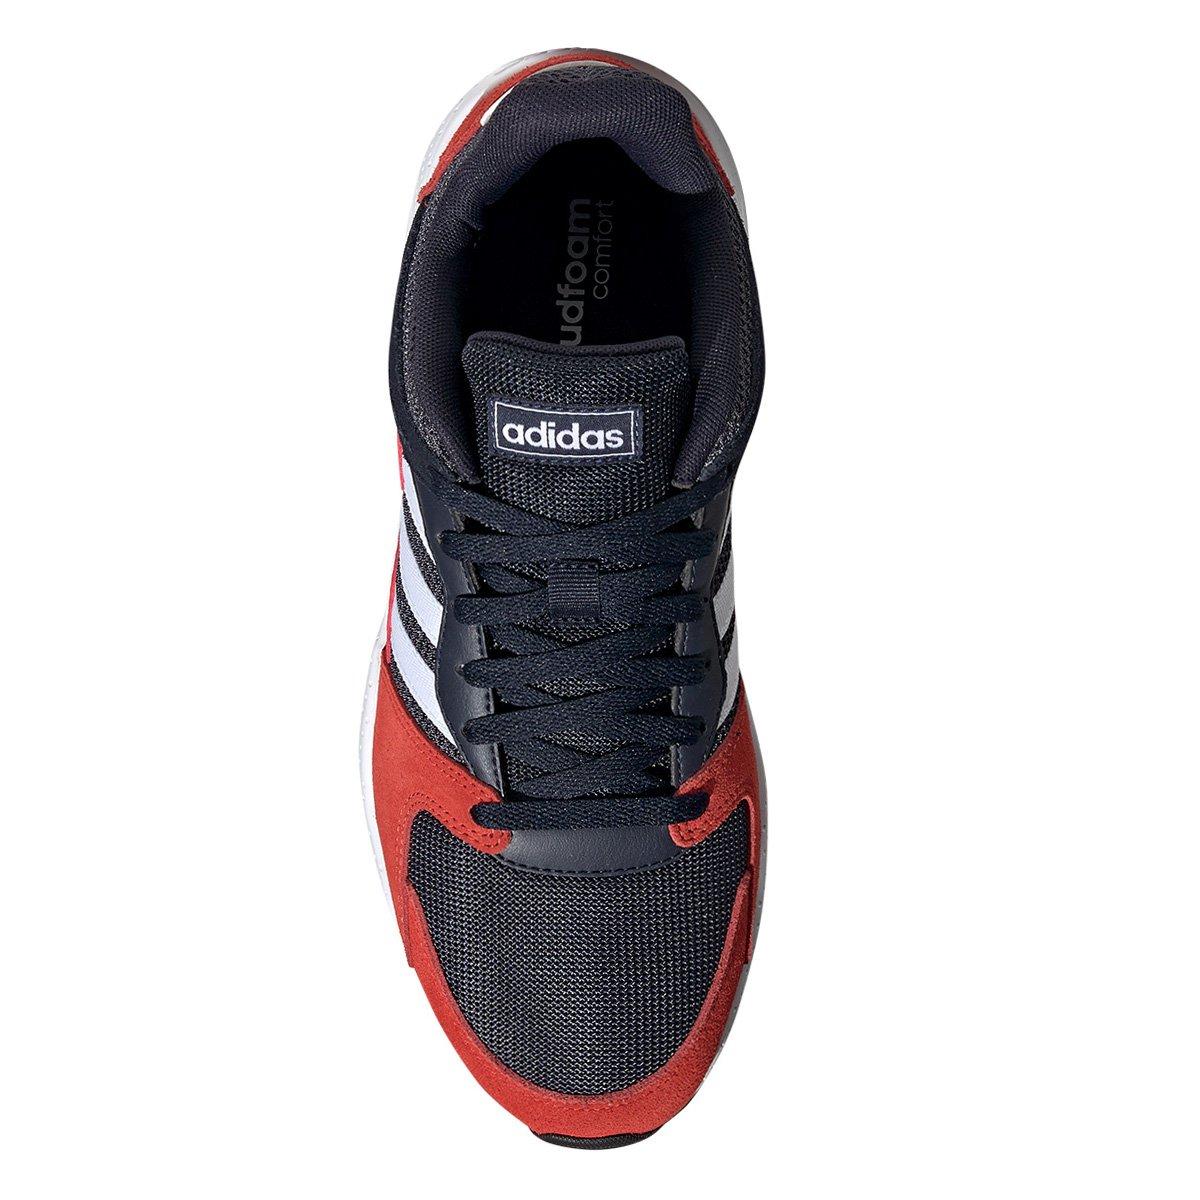 Tênis Adidas Chaos - Tam: 39 - 2